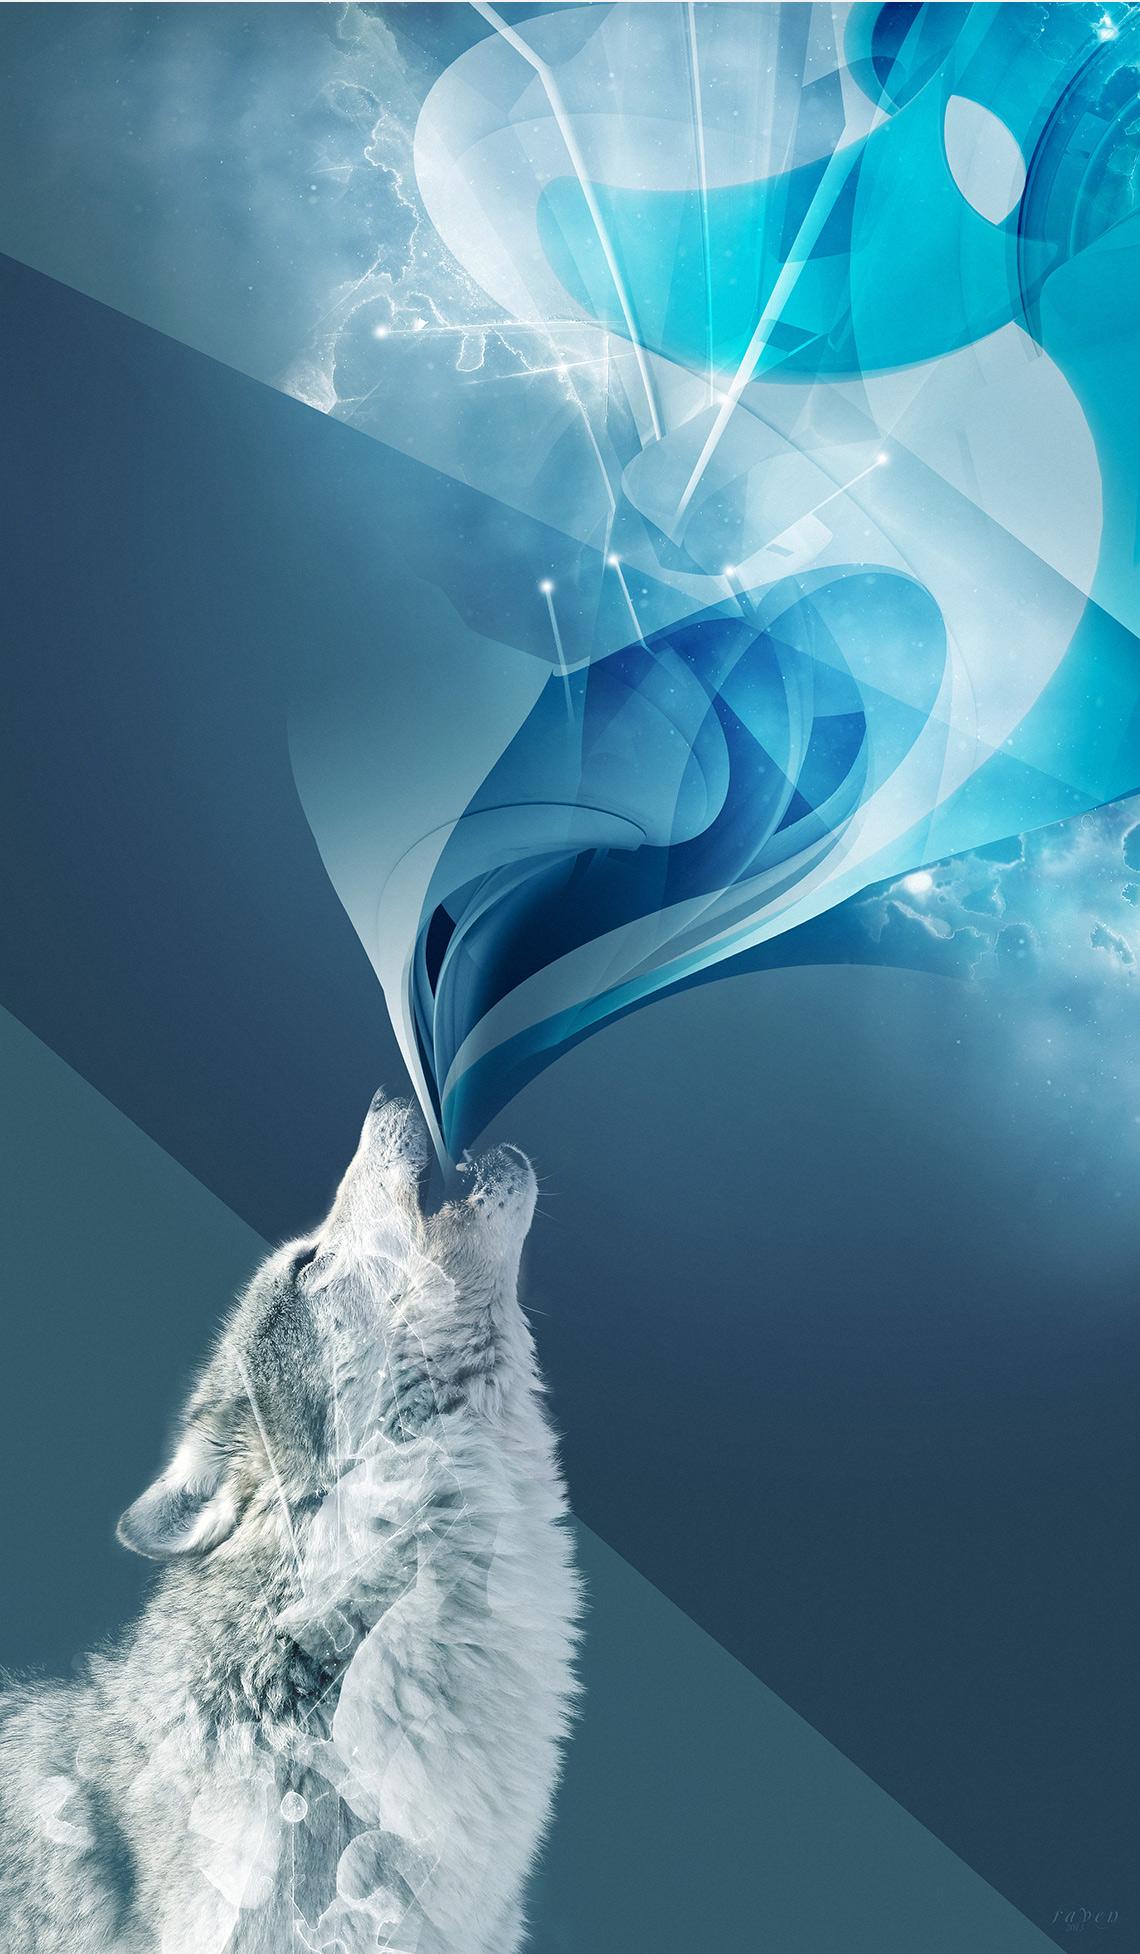 Arte digital Fotografía y Diseño Raven.artd